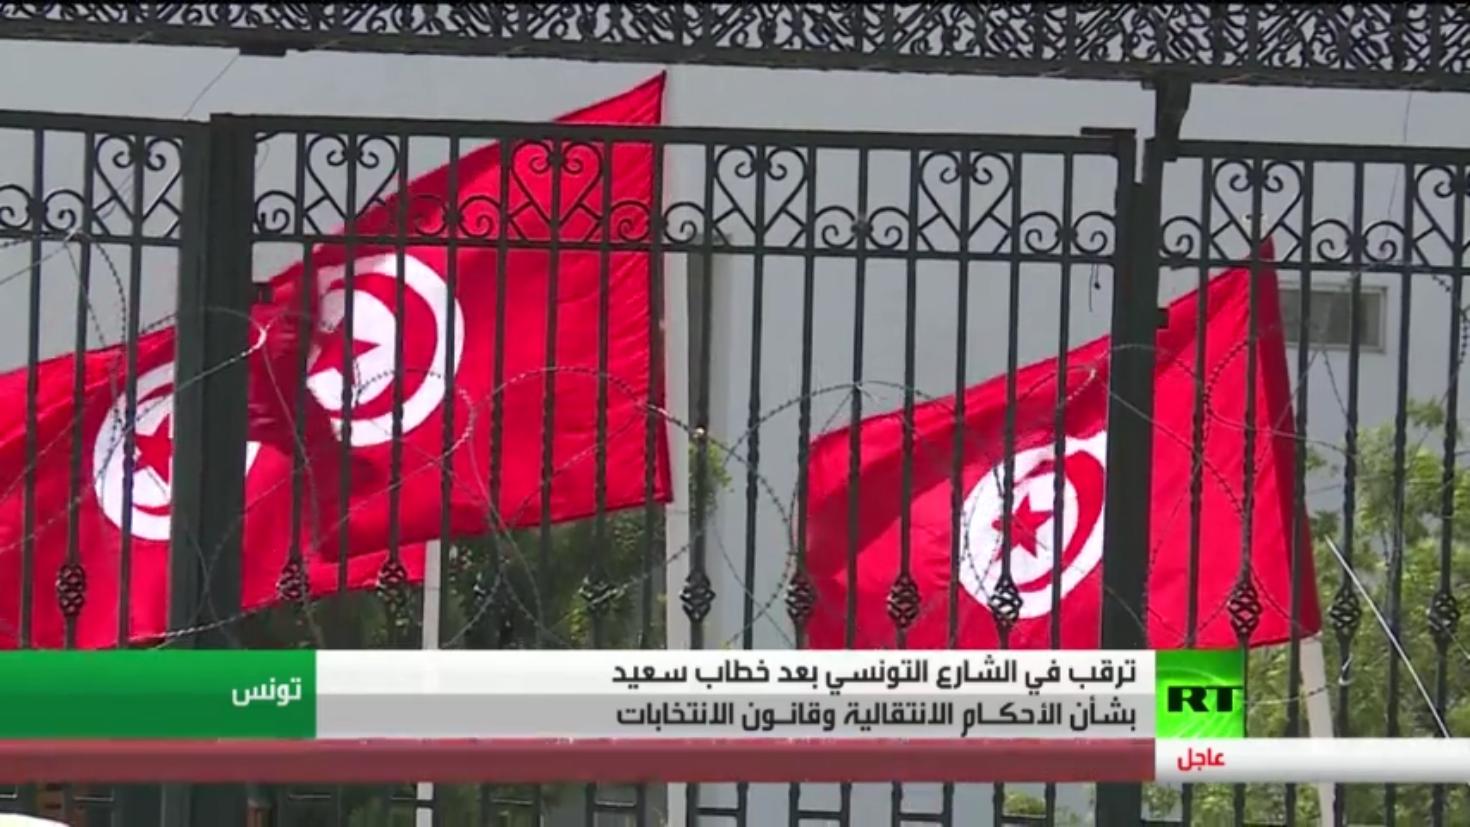 حالة من الترقب تسود الشارع التونسي